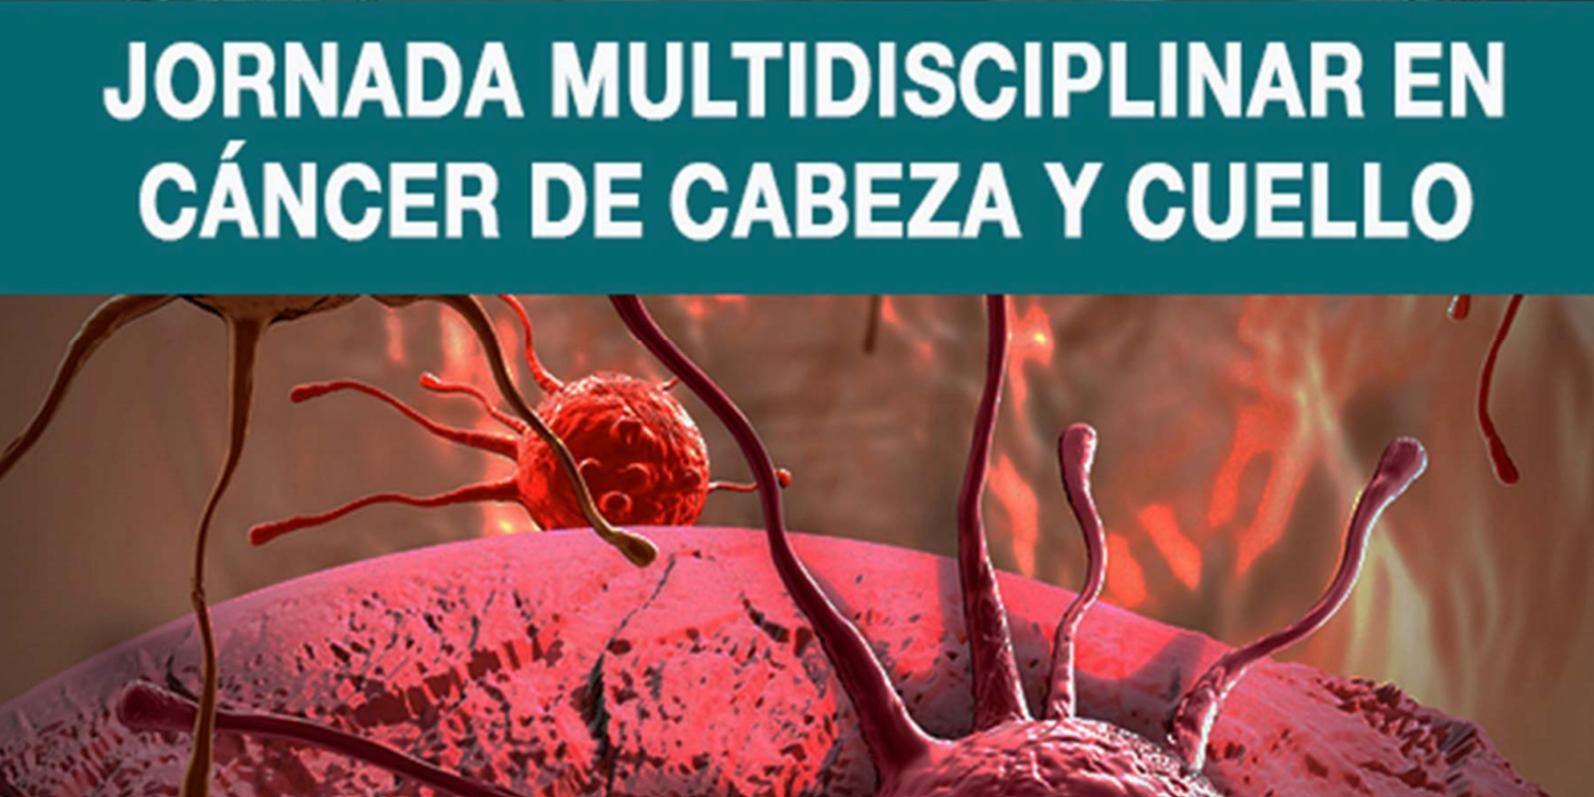 Jornada Multidisplinar en Cáncer de Cabeza y Cuello